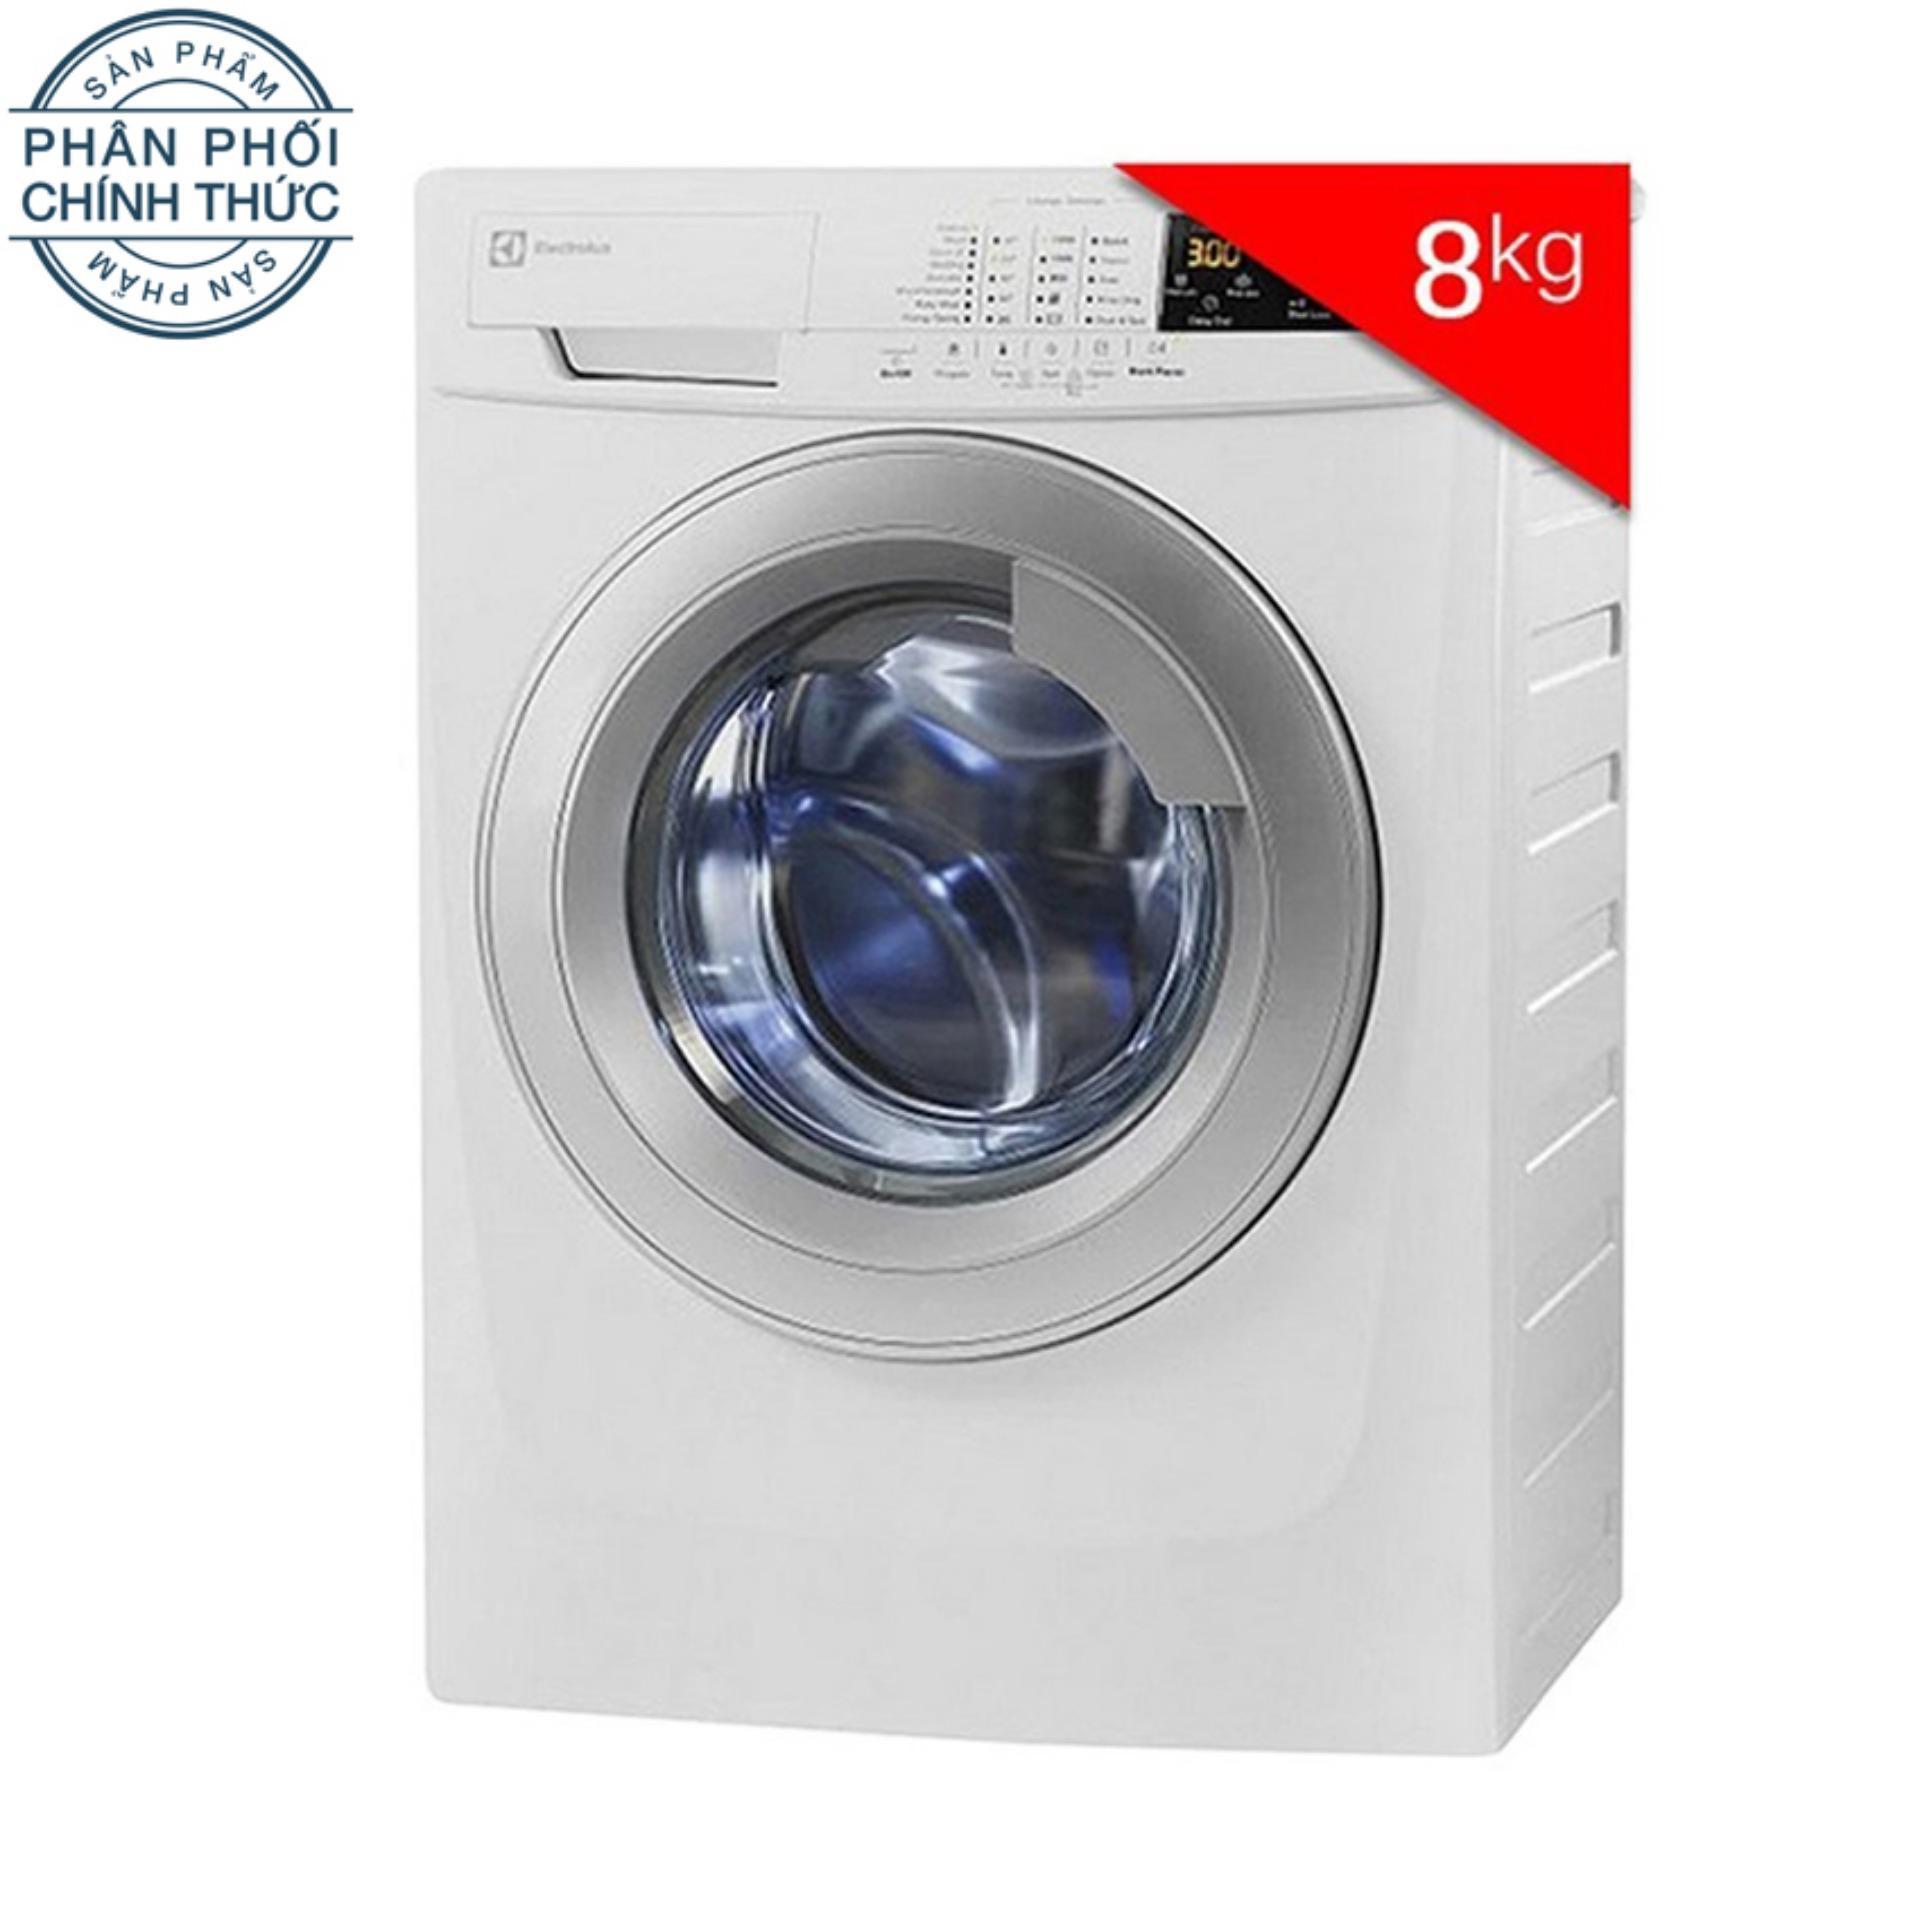 Hình ảnh Máy Giặt Cửa Trước Inverter Electrolux EWF10844 (8Kg) (Trắng)